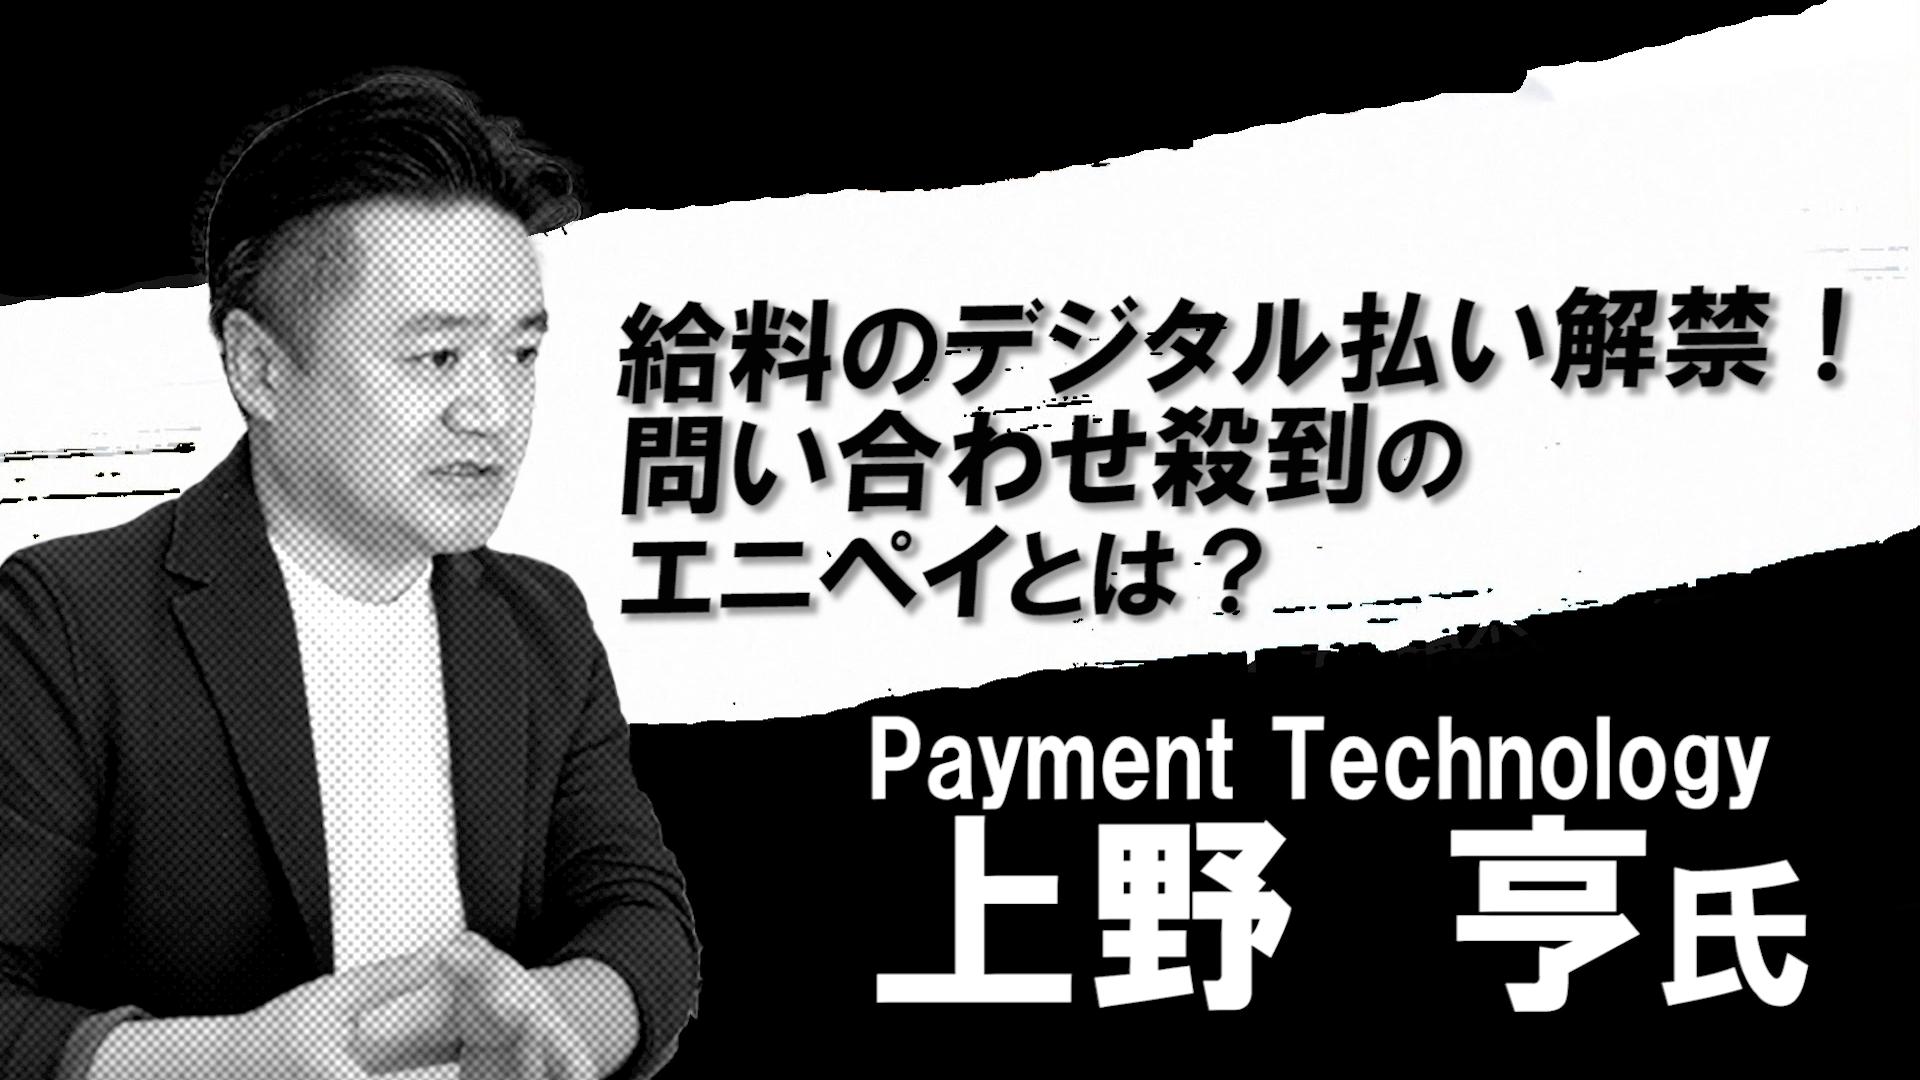 """""""給与のデジタルマネー払い解禁""""という国の施策を活かしたBtoBの動画ニュース事例"""